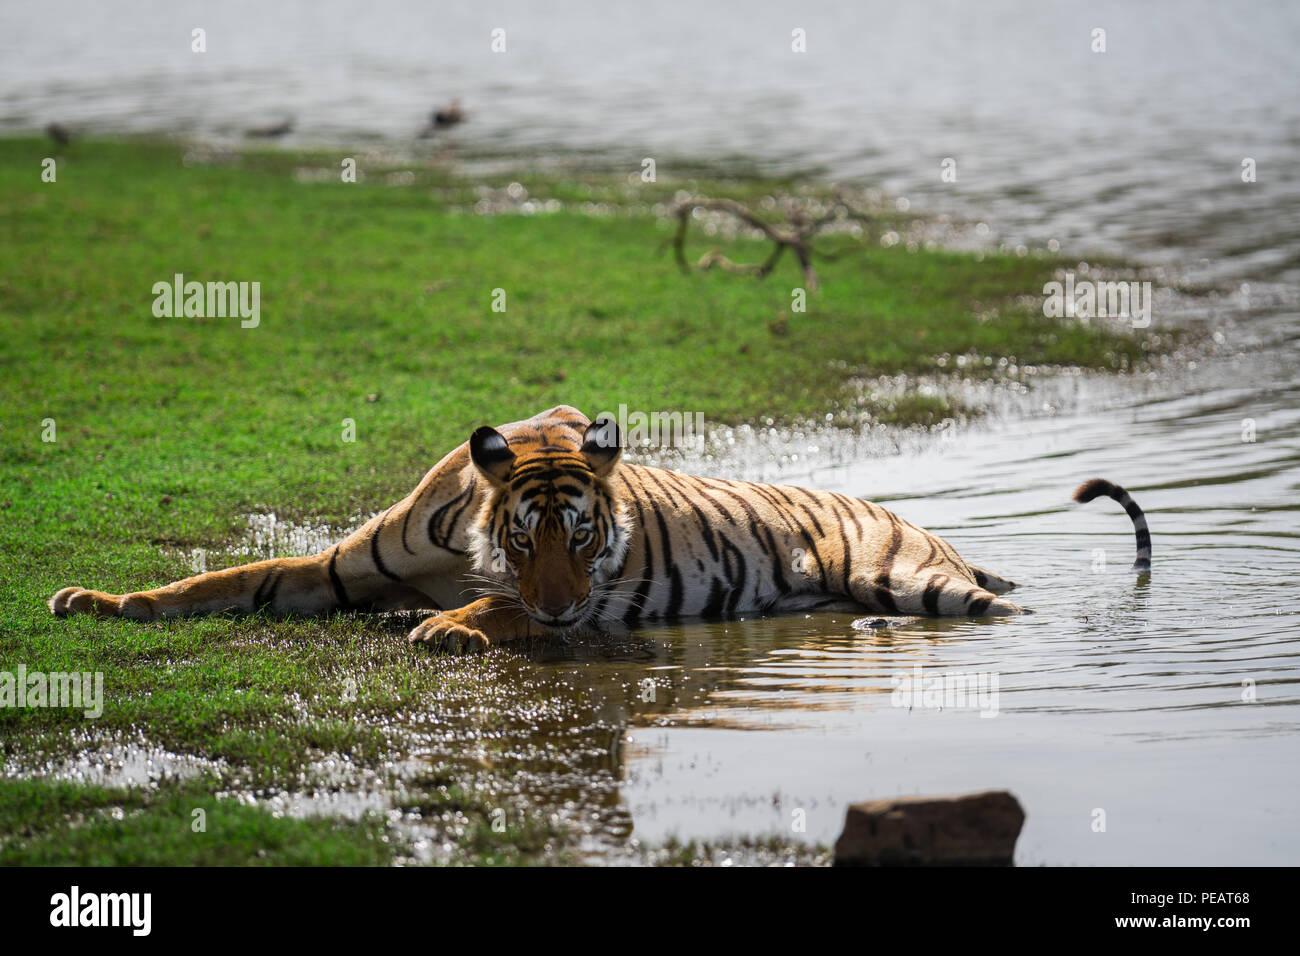 Una tigresa saciar su sed en un lago en el Parque nacional de Ranthambore Imagen De Stock